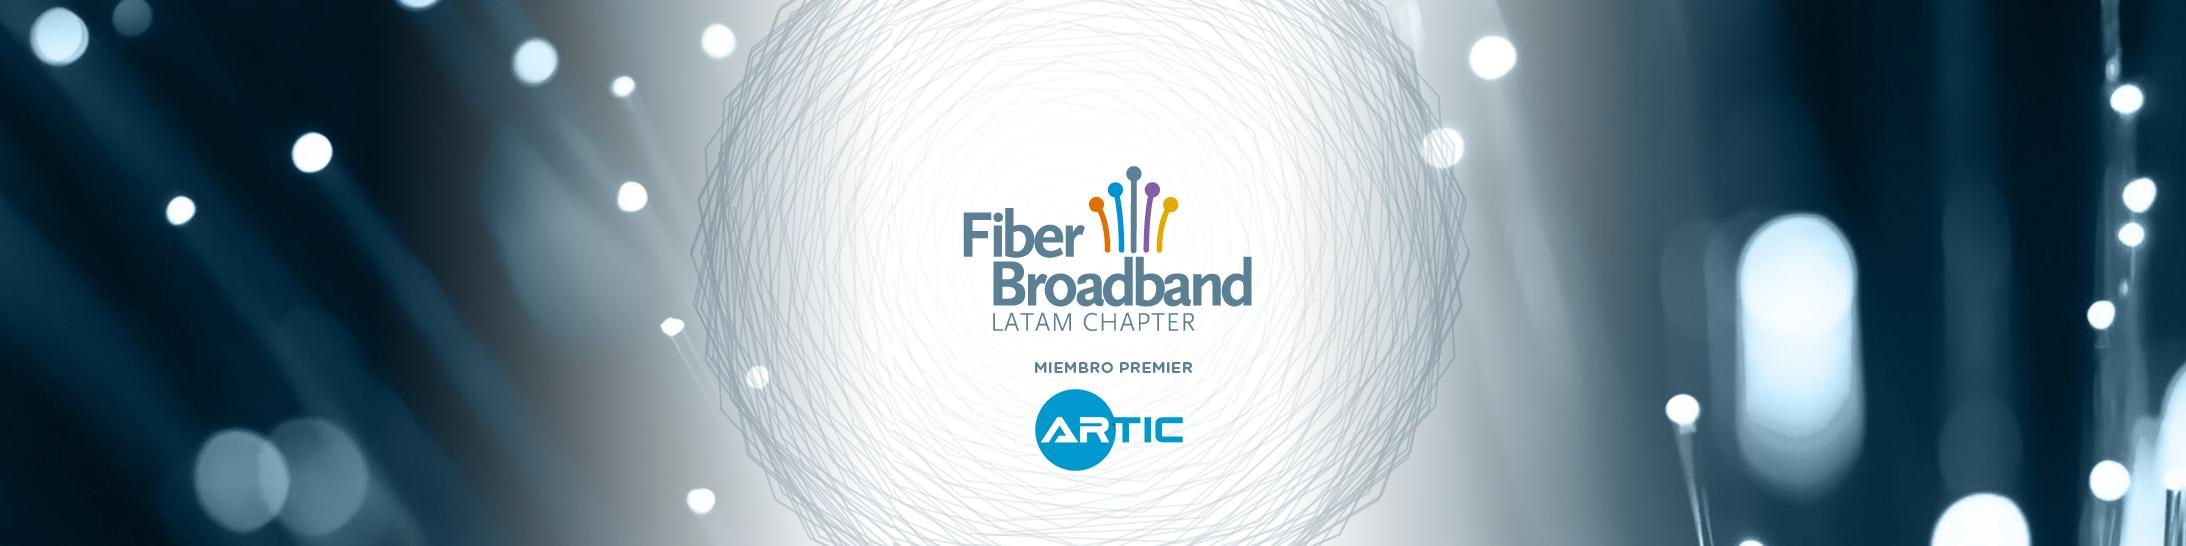 Artic LatAm es Miembro Premier de la Fiber Broadband Association LATAM Chapter